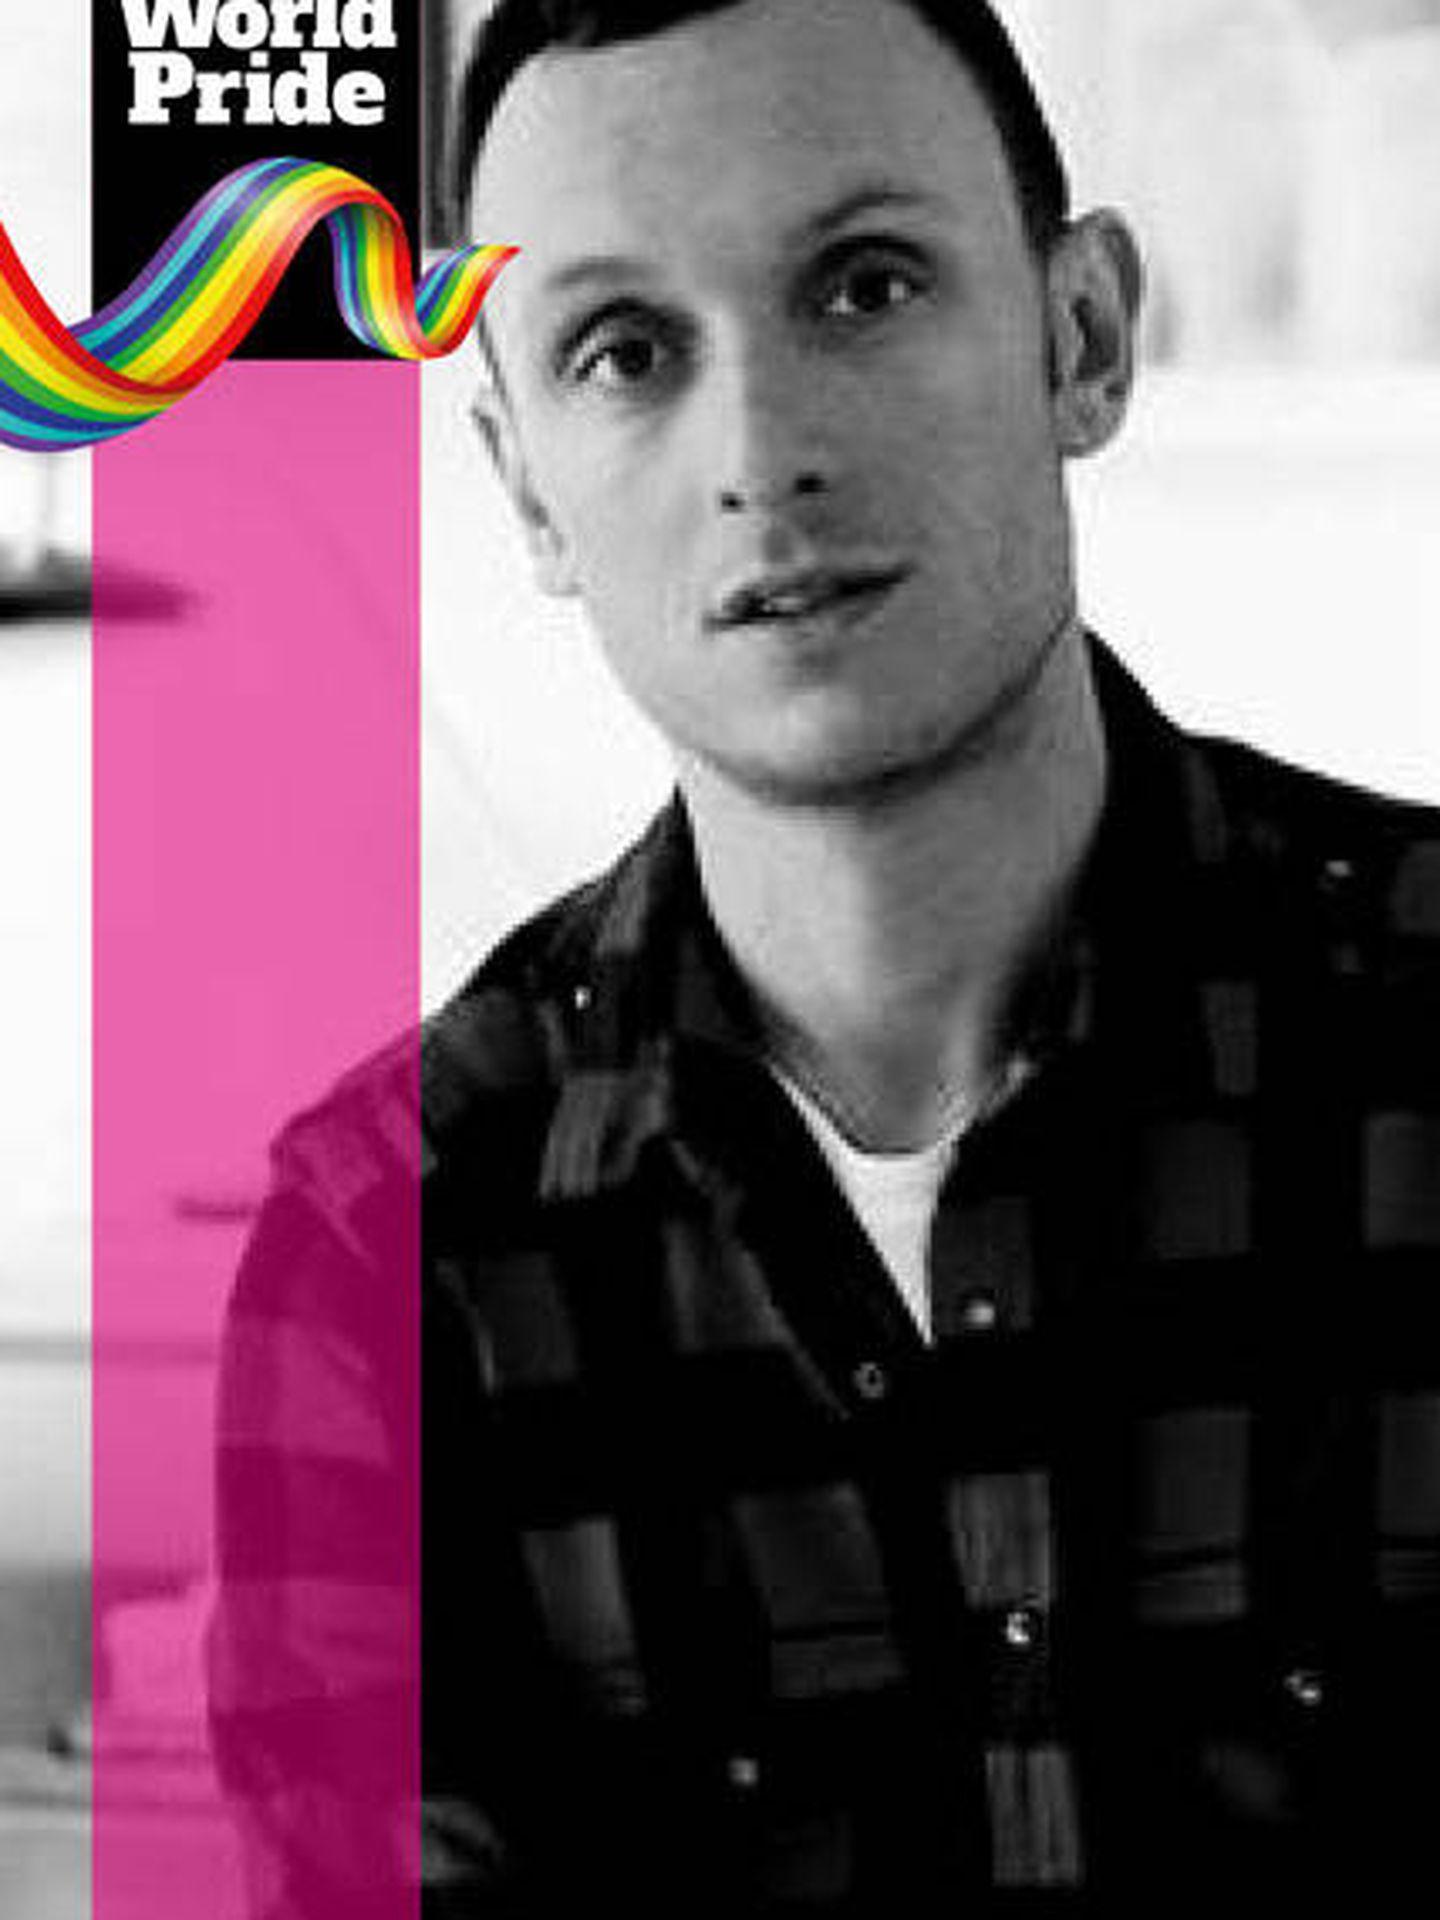 Orgullo LGTBI 2017: Gorka Postigo (Fotografía)